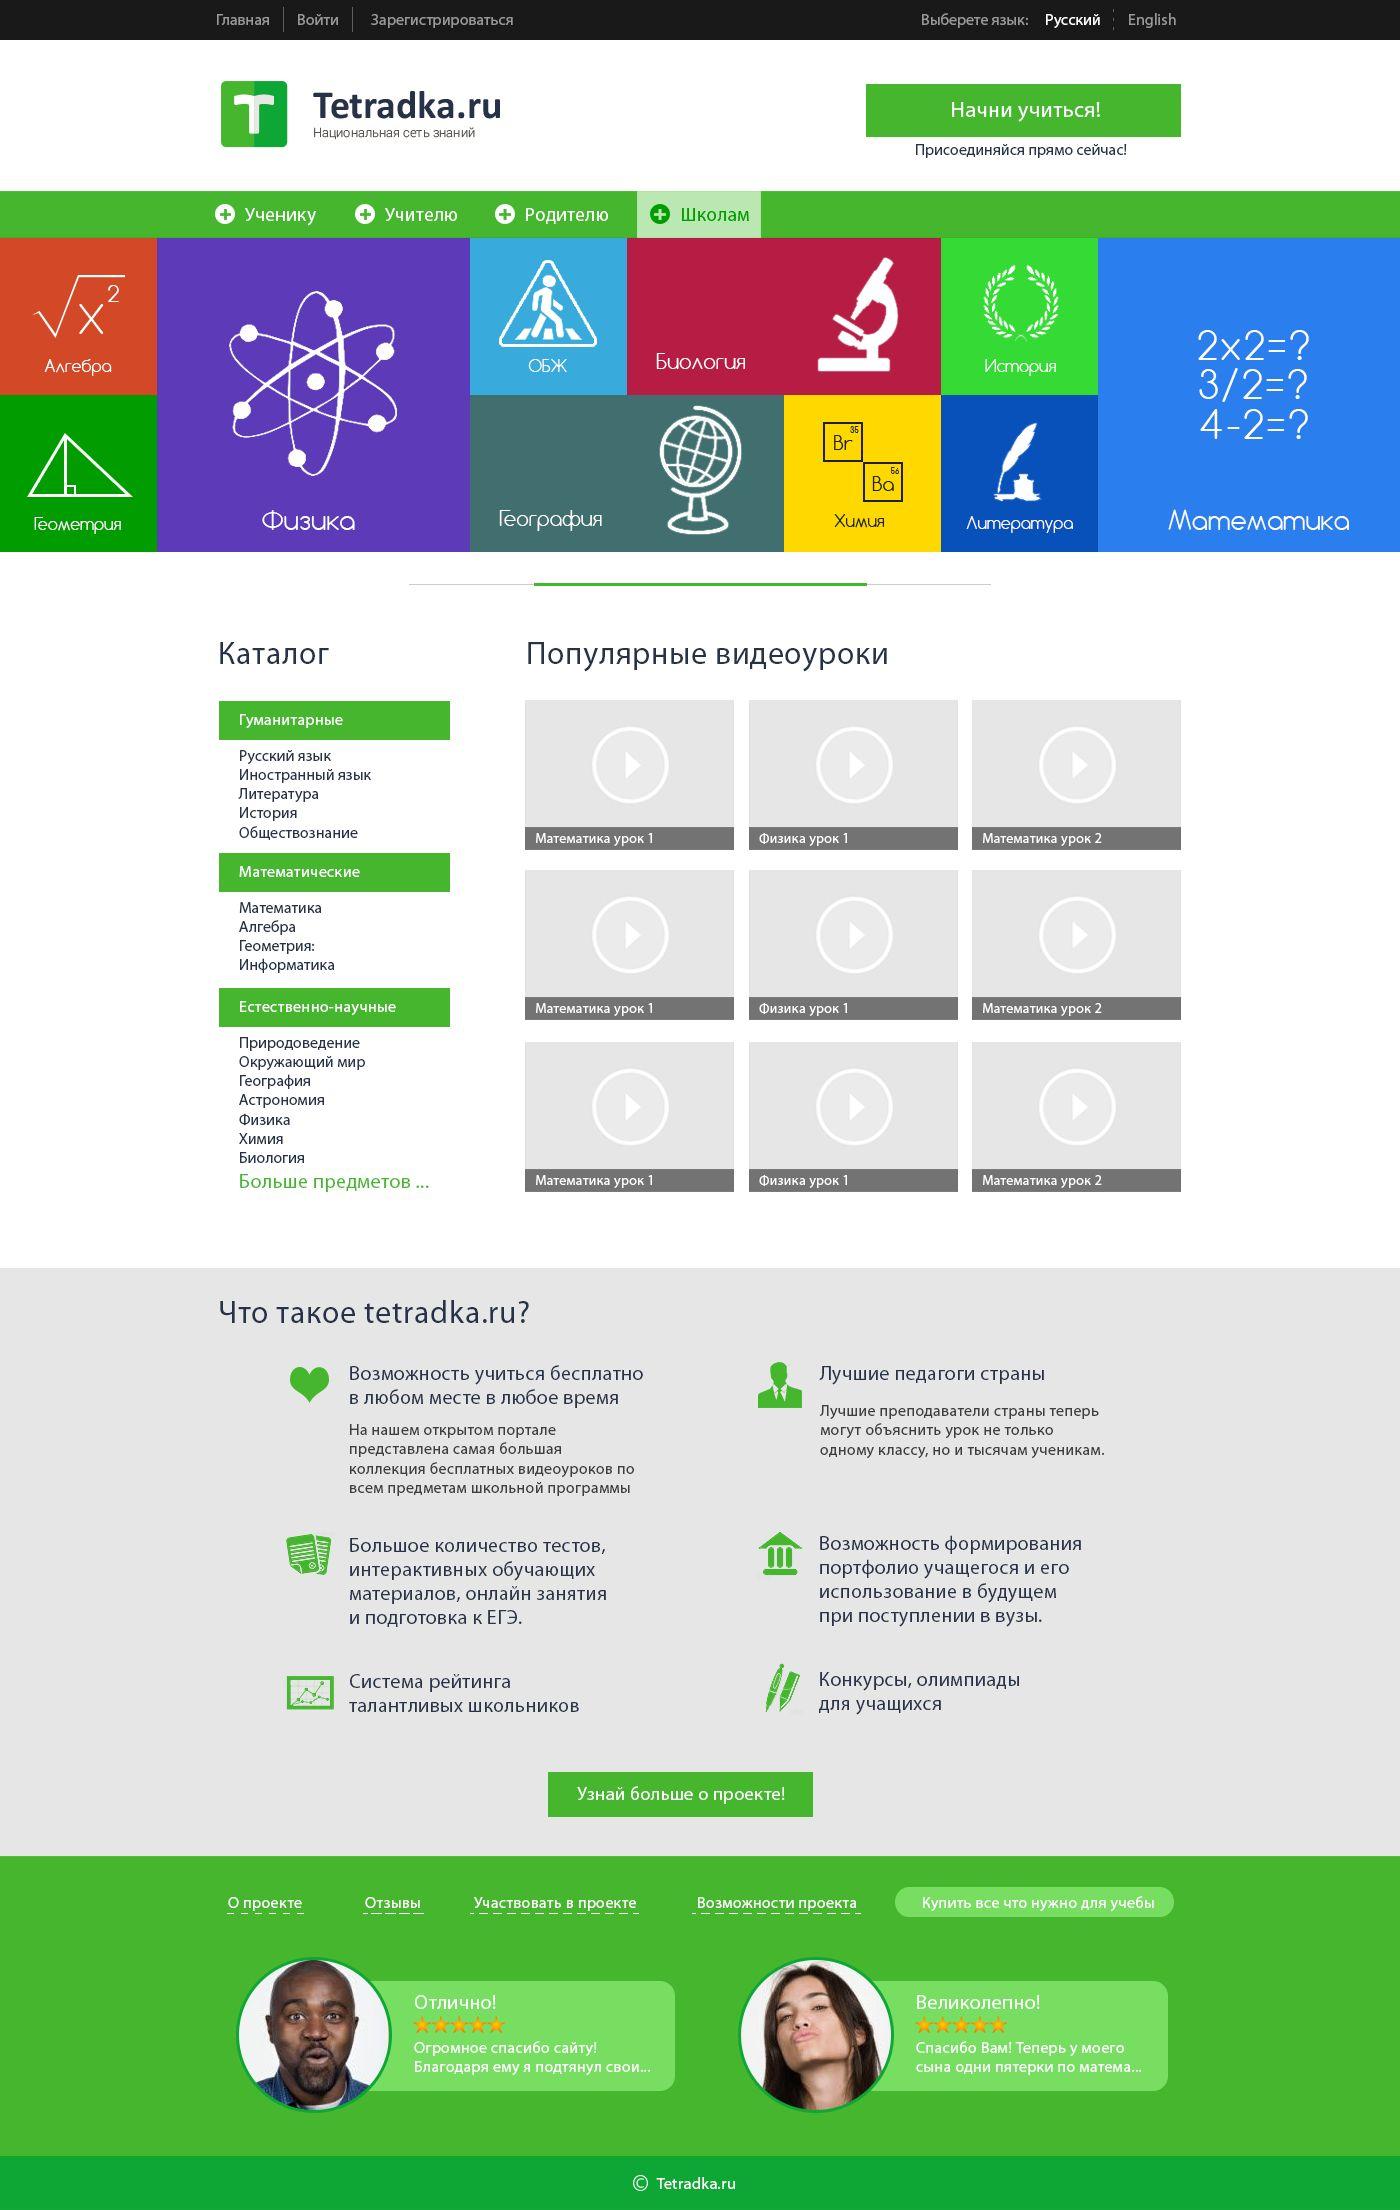 Главная страница образовательной сети tetradka.ru - дизайнер goljakovai